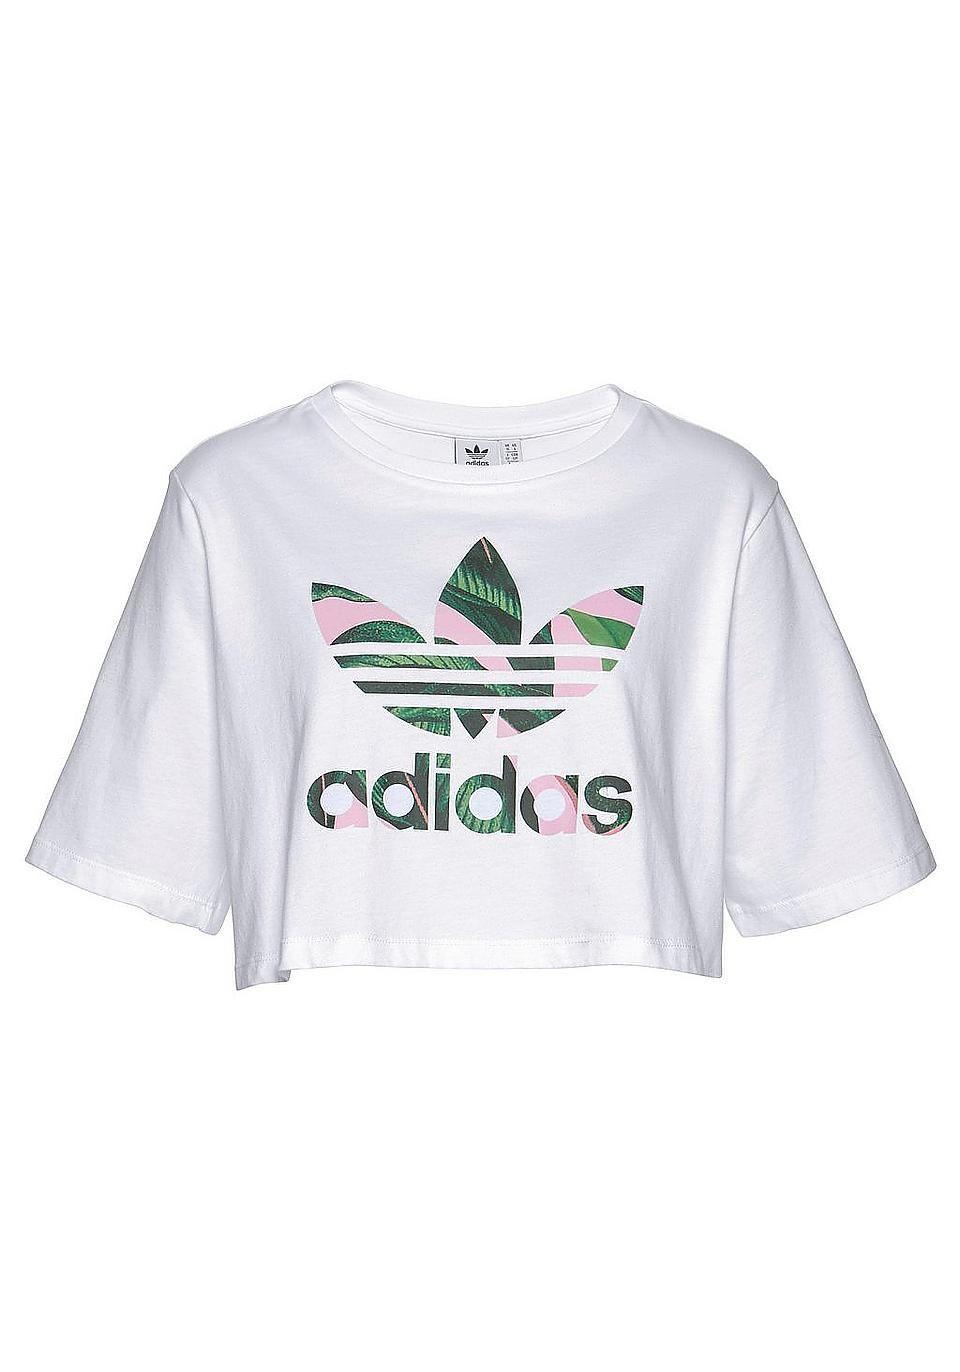 Adidas : Adidas Tops,Nike Damen Top,